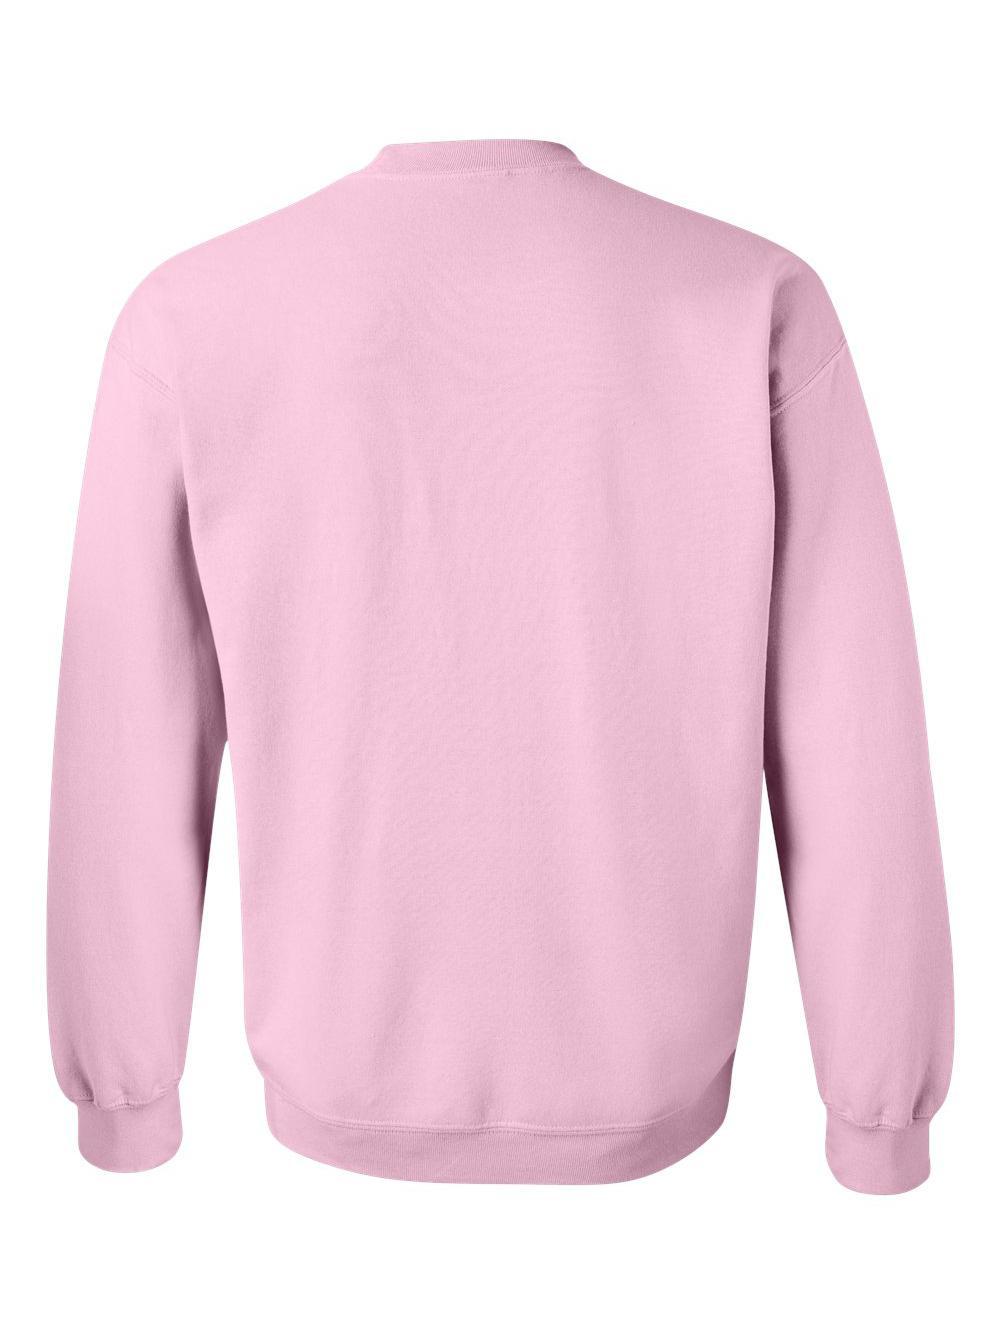 Gildan-Heavy-Blend-Crewneck-Sweatshirt-18000 thumbnail 59